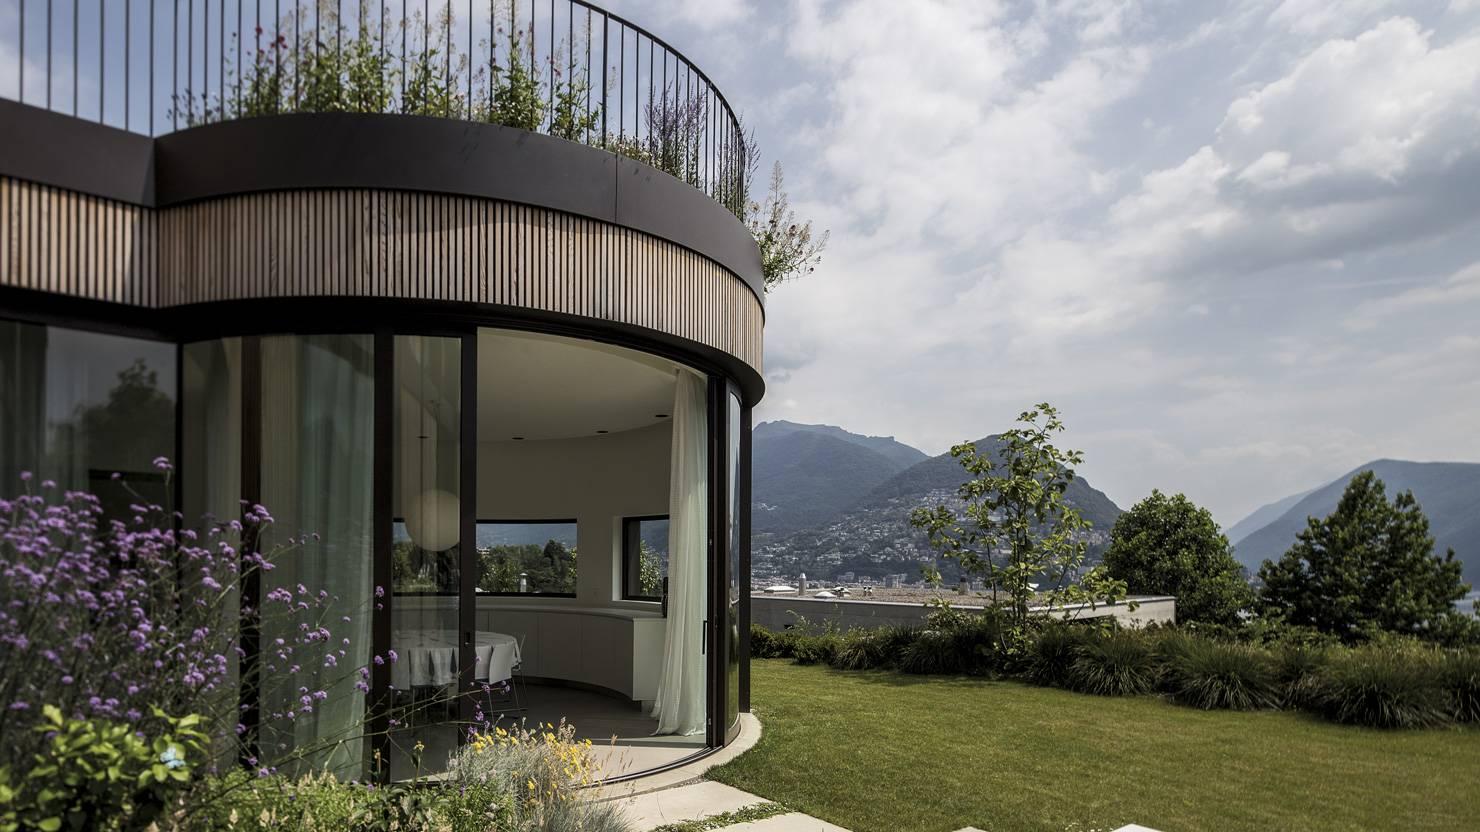 acciaio-zincato-facciata-alzante-scorrevole-maria-venco-corinna-cappa-villa-sul-lago-4_project_big